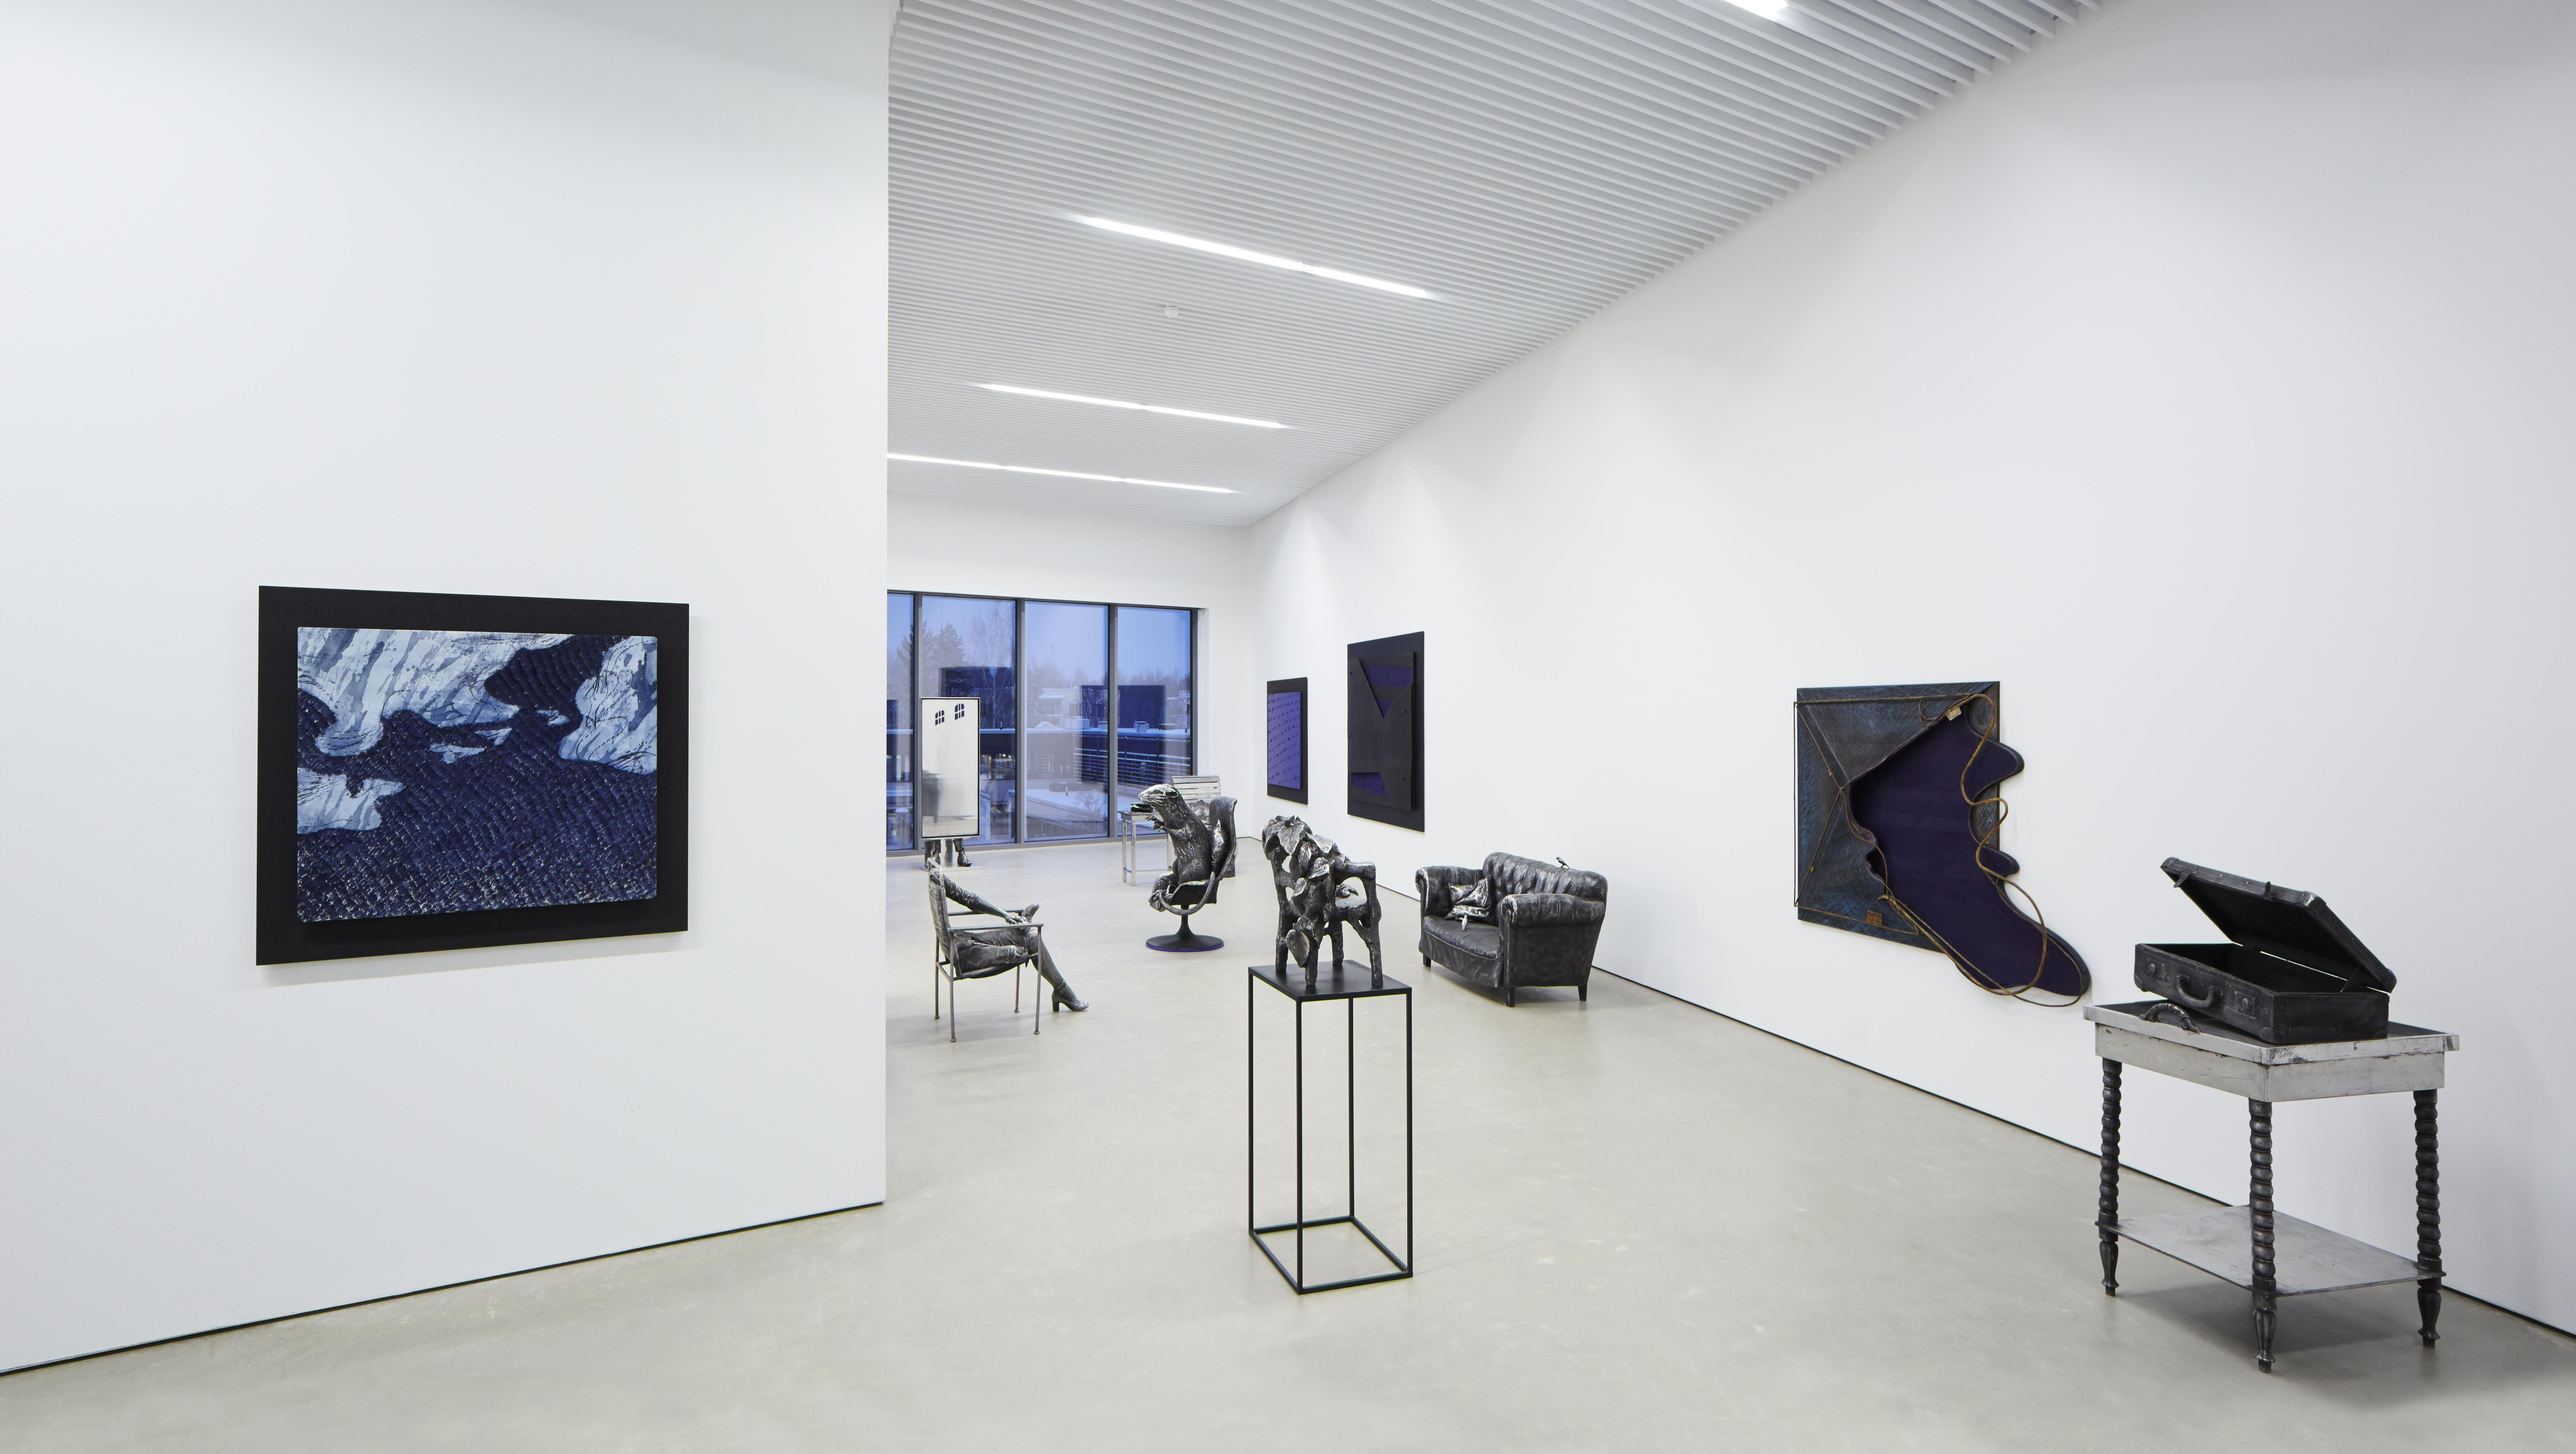 Kuvanveistäjä Kimmo Pyykön näyttely Jokin meissä Kimmo Pyykkö -taidemuseossa vuonna 2015.